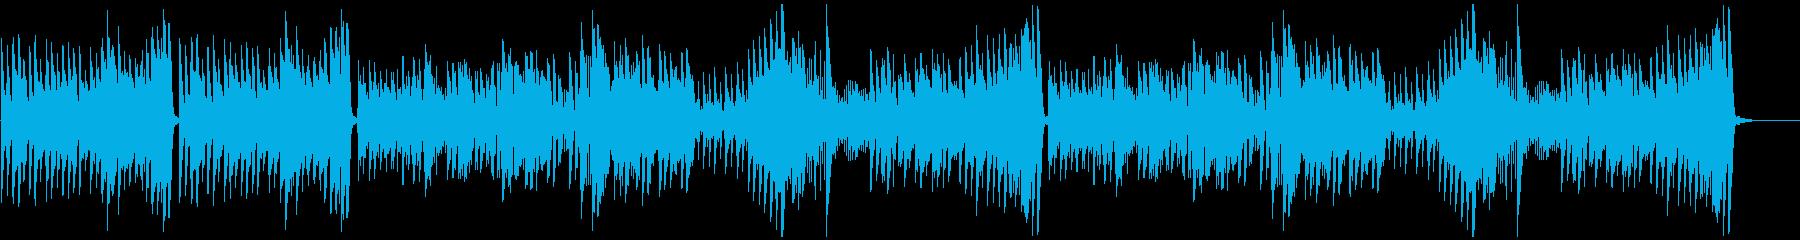 調理シーン等に最適のピアノソロ曲02の再生済みの波形